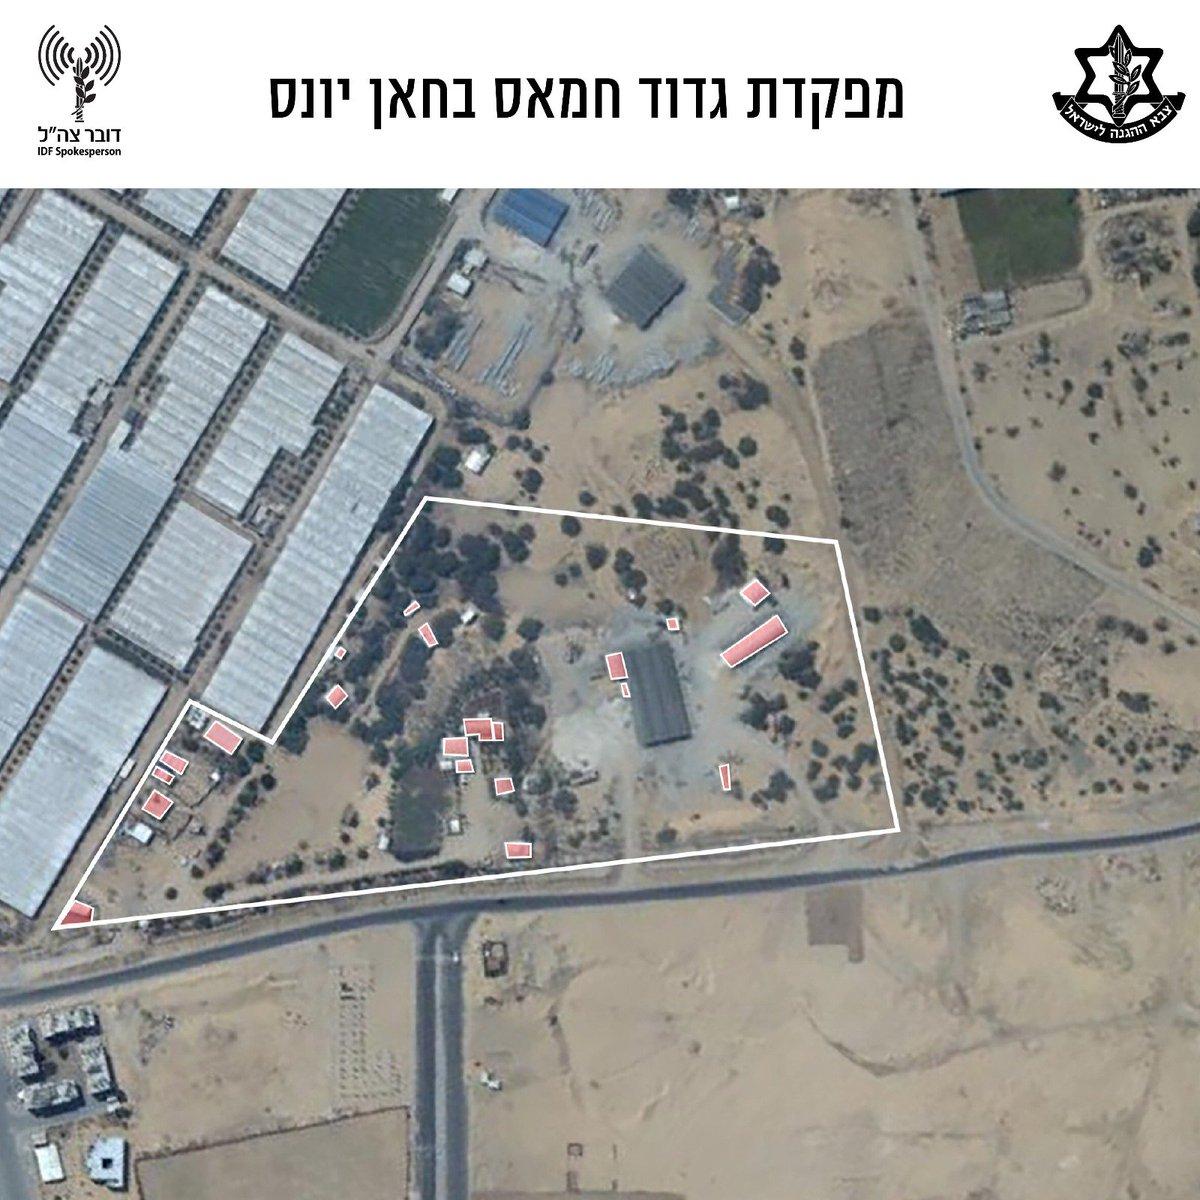 Израиль нанёс удары по 68 объектам ХАМАС в секторе Газа